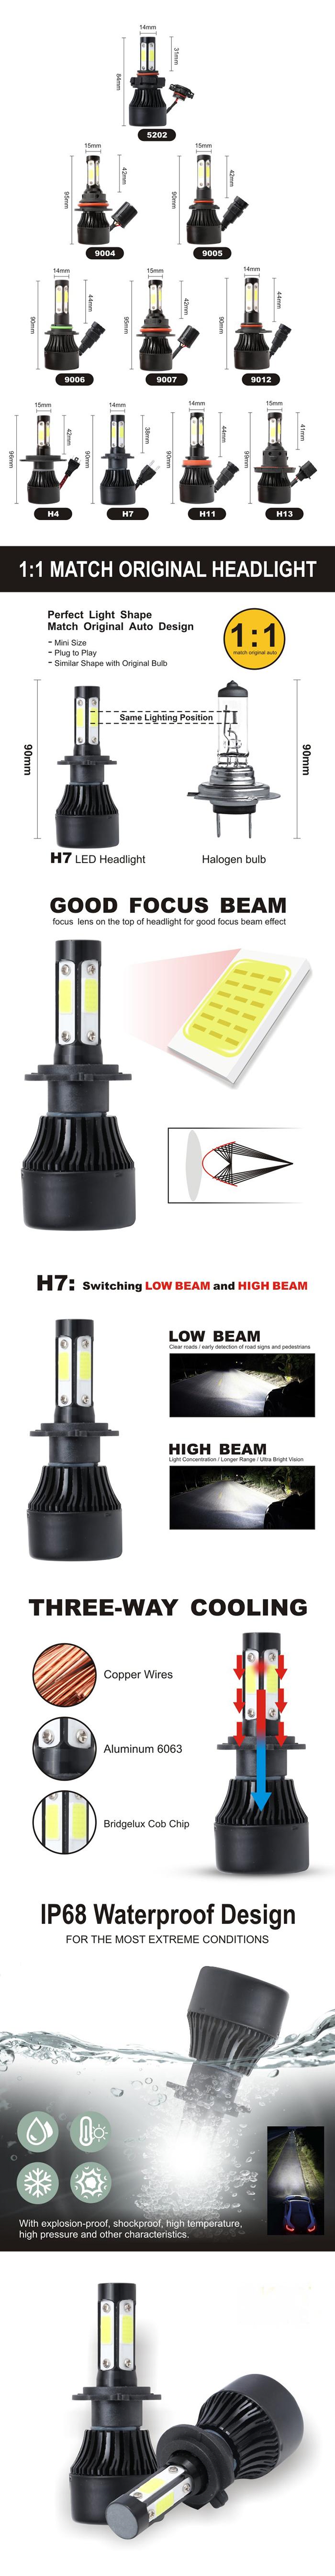 Liwiny sıcak satış araba ışıkları led h7 24v otobüs parçaları far f9 4 tarafı 9005 9006 otomatik far